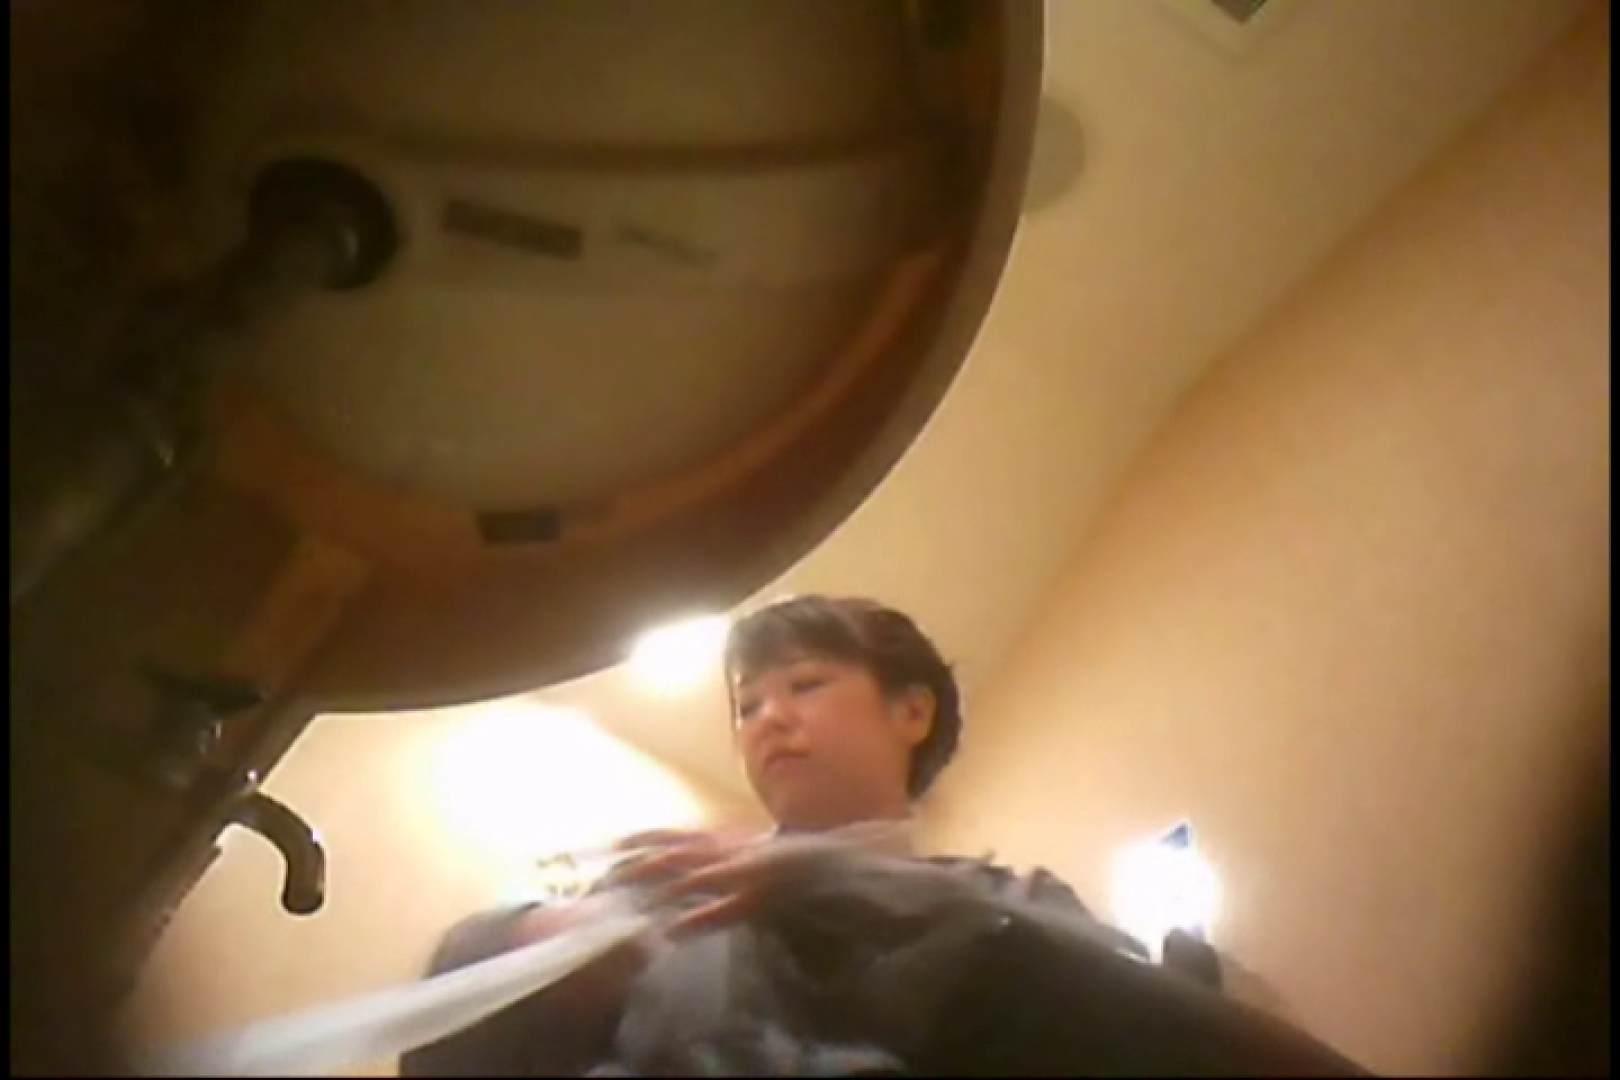 潜入!!女子化粧室盗撮~絶対見られたくない時間~vo,130 熟女のエロ動画 ヌード画像 100PIX 50